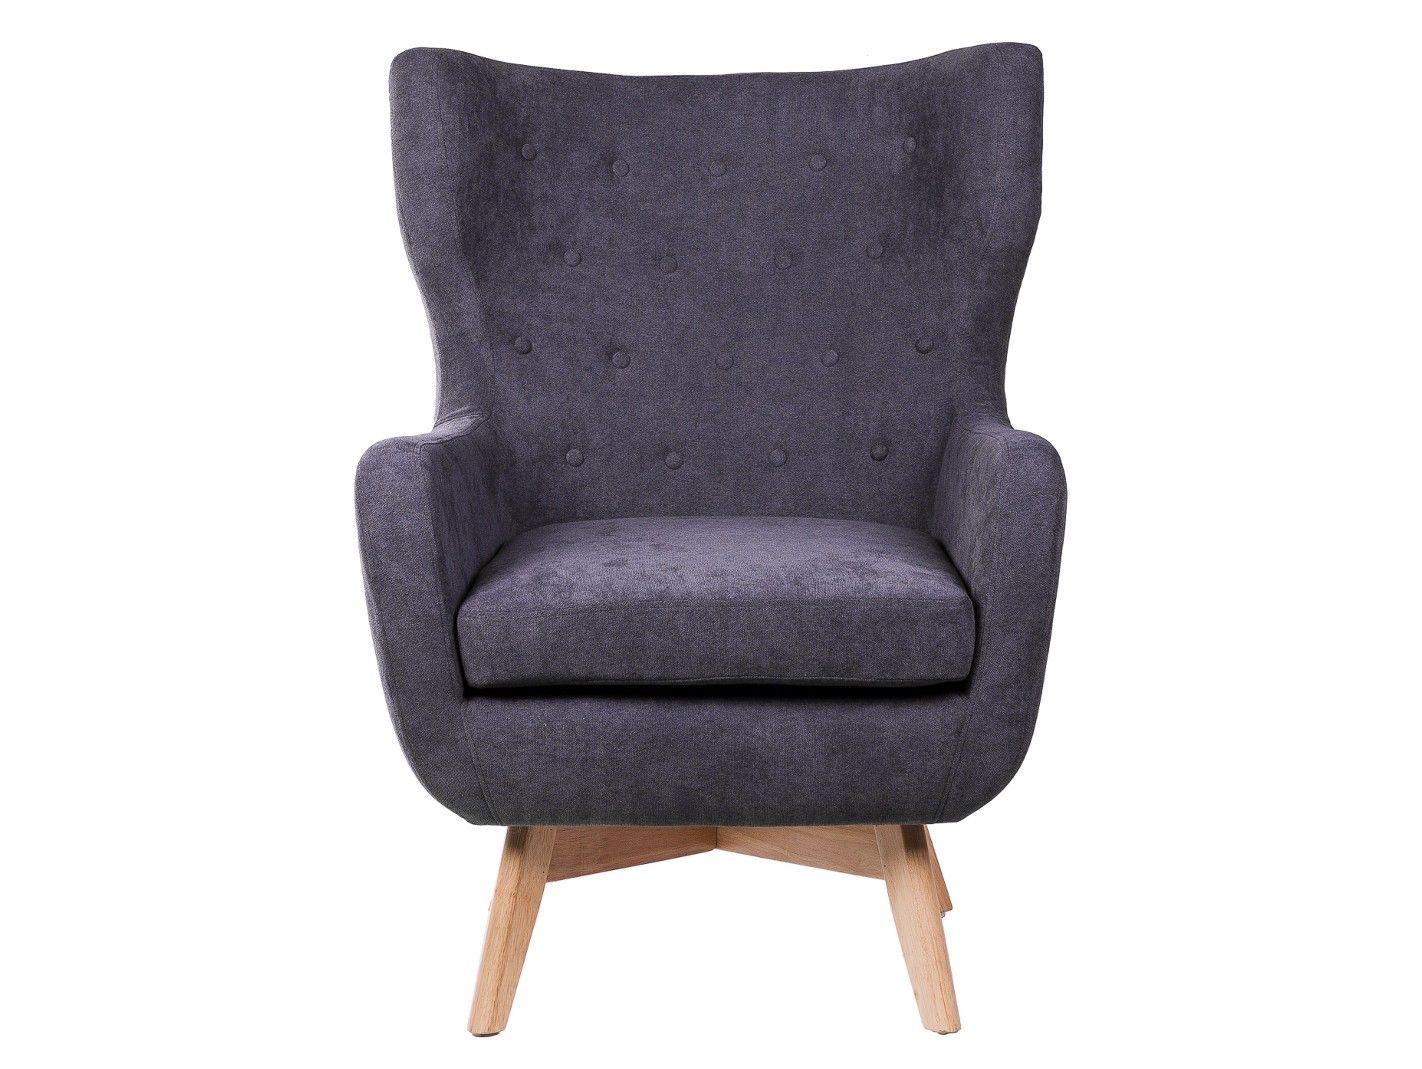 Muebles horcas baena obtenga ideas dise o de muebles - Muebles herencia ...